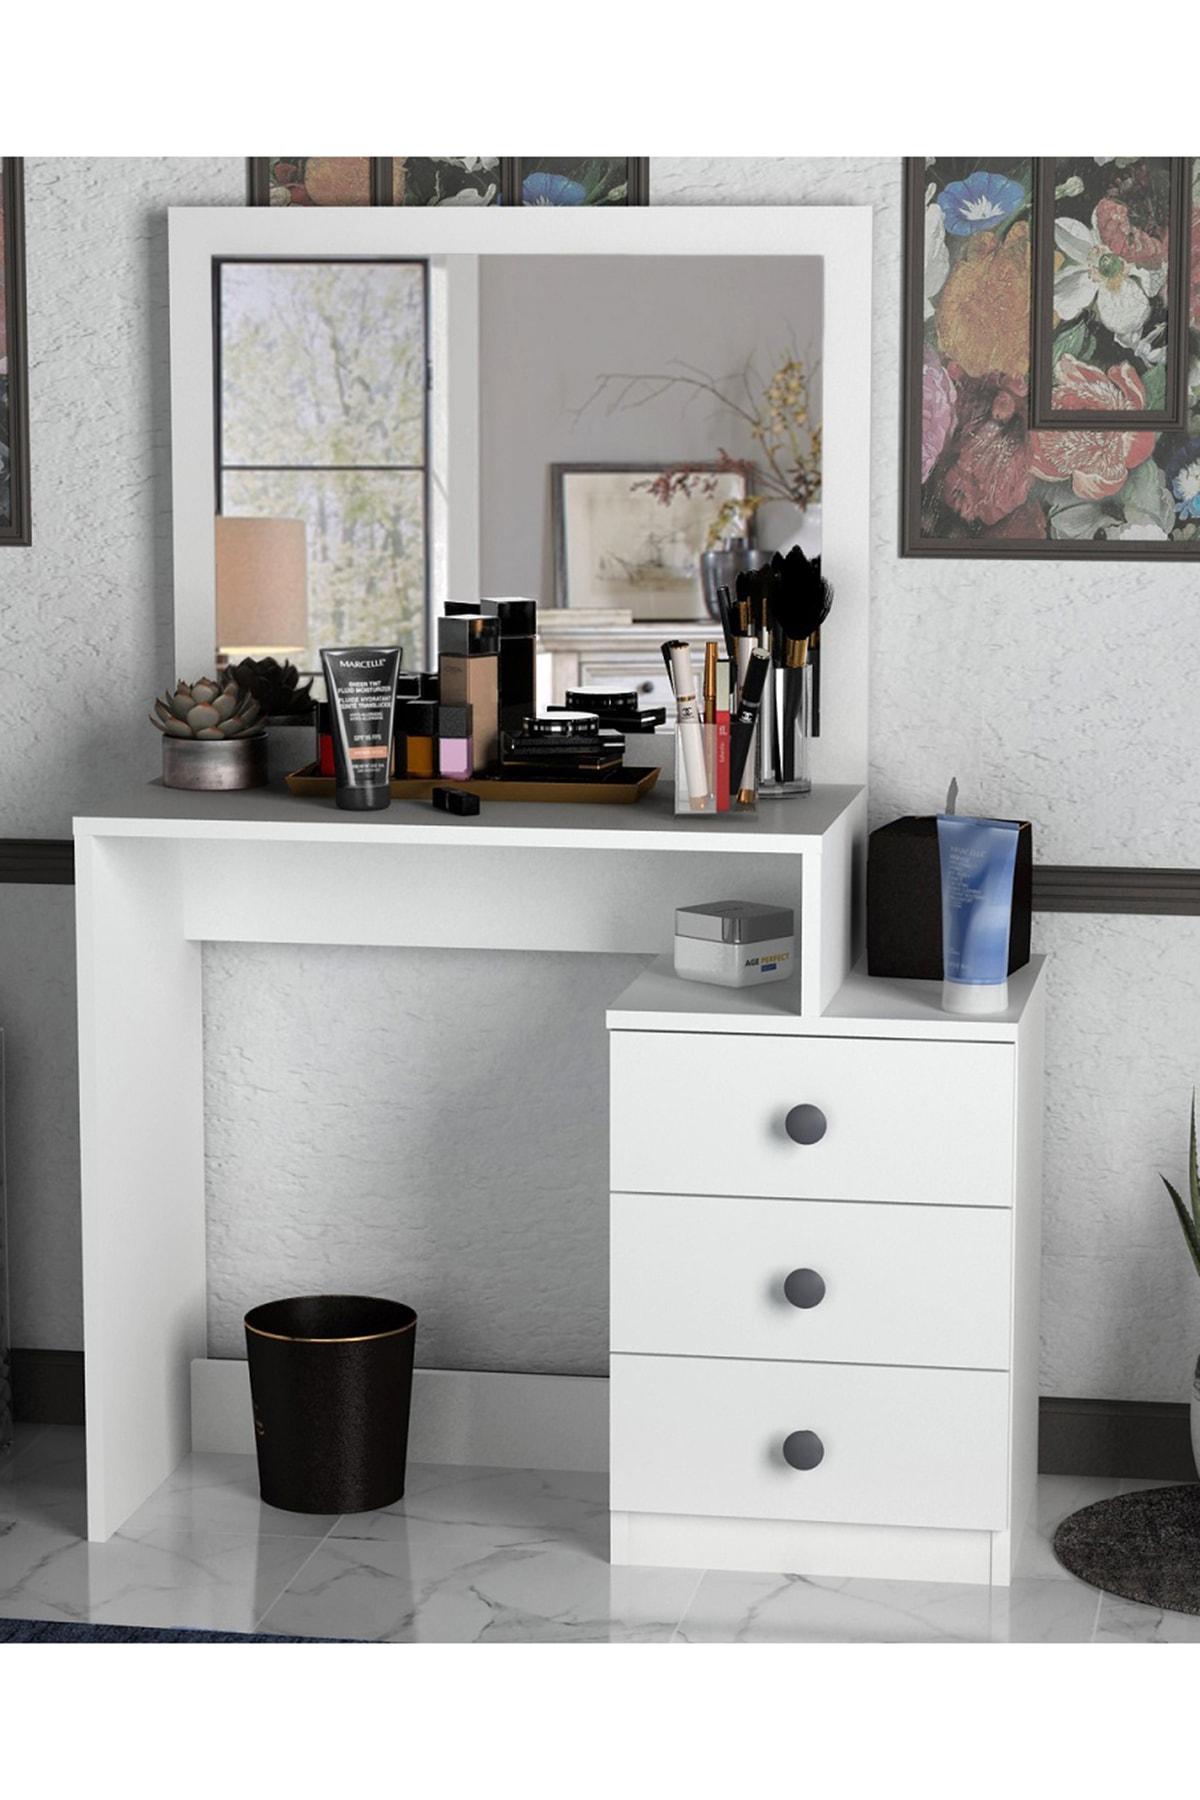 Sanal Mobilya Decanter 3 Çekmeceli Dresuar - Makyaj Masası Mat Beyaz 2